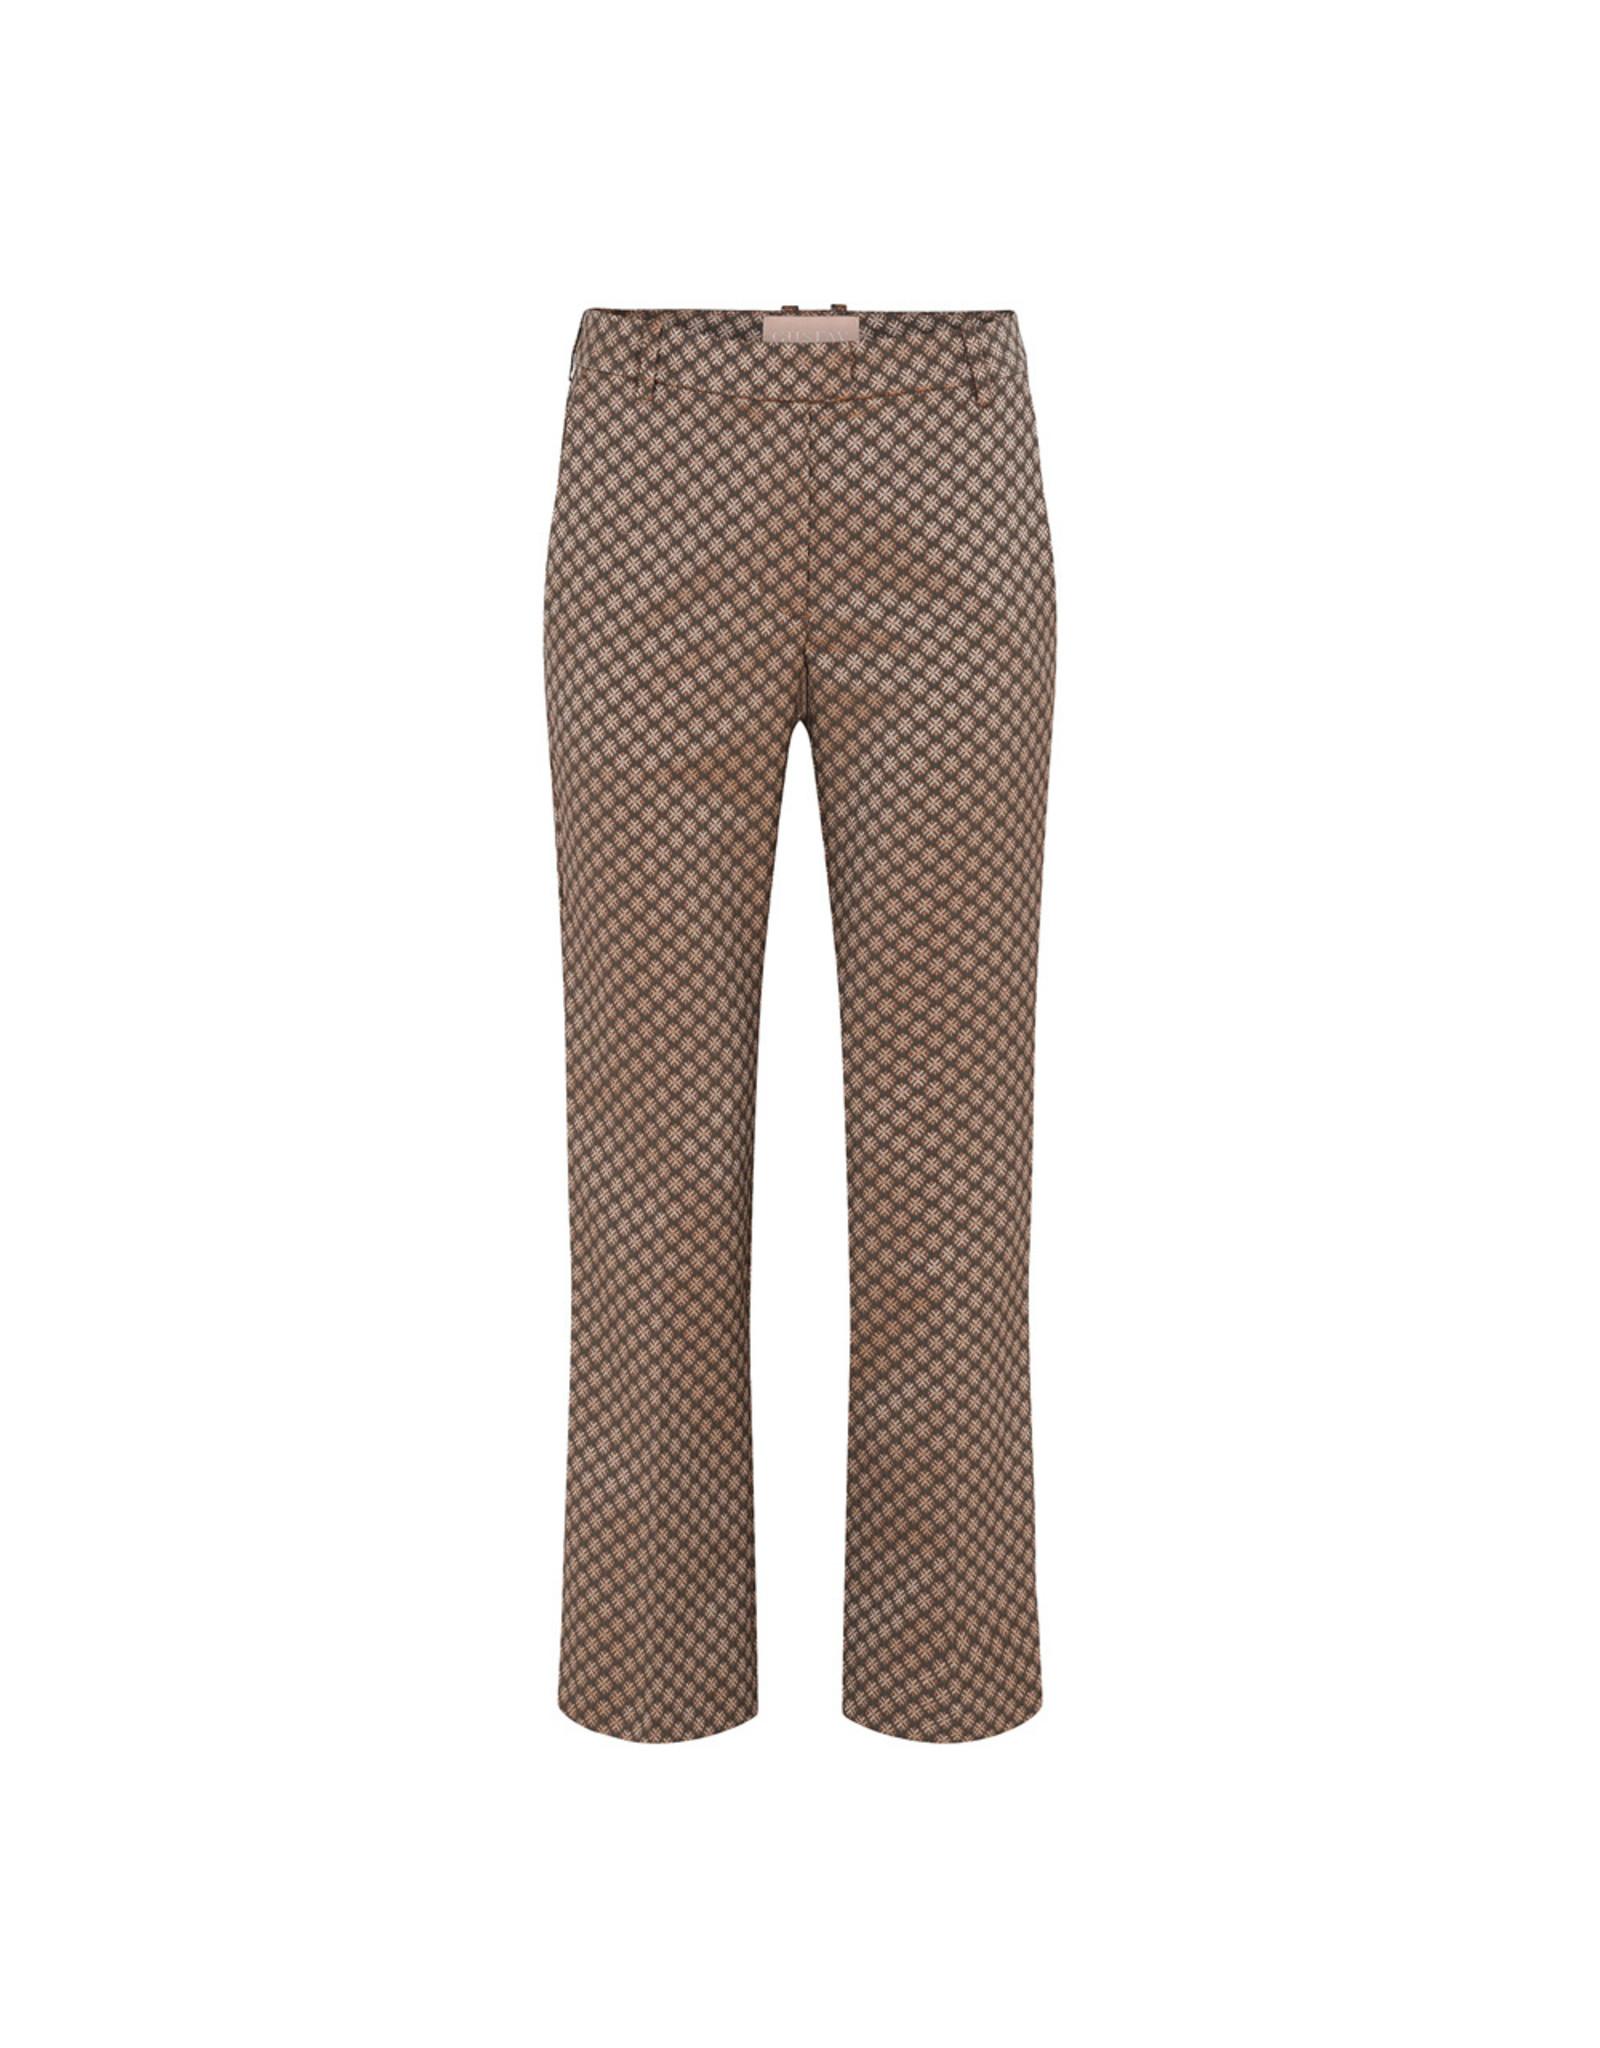 Gustav Denmark Avo 7/8 Flair Leg Reg. Waist Trousers